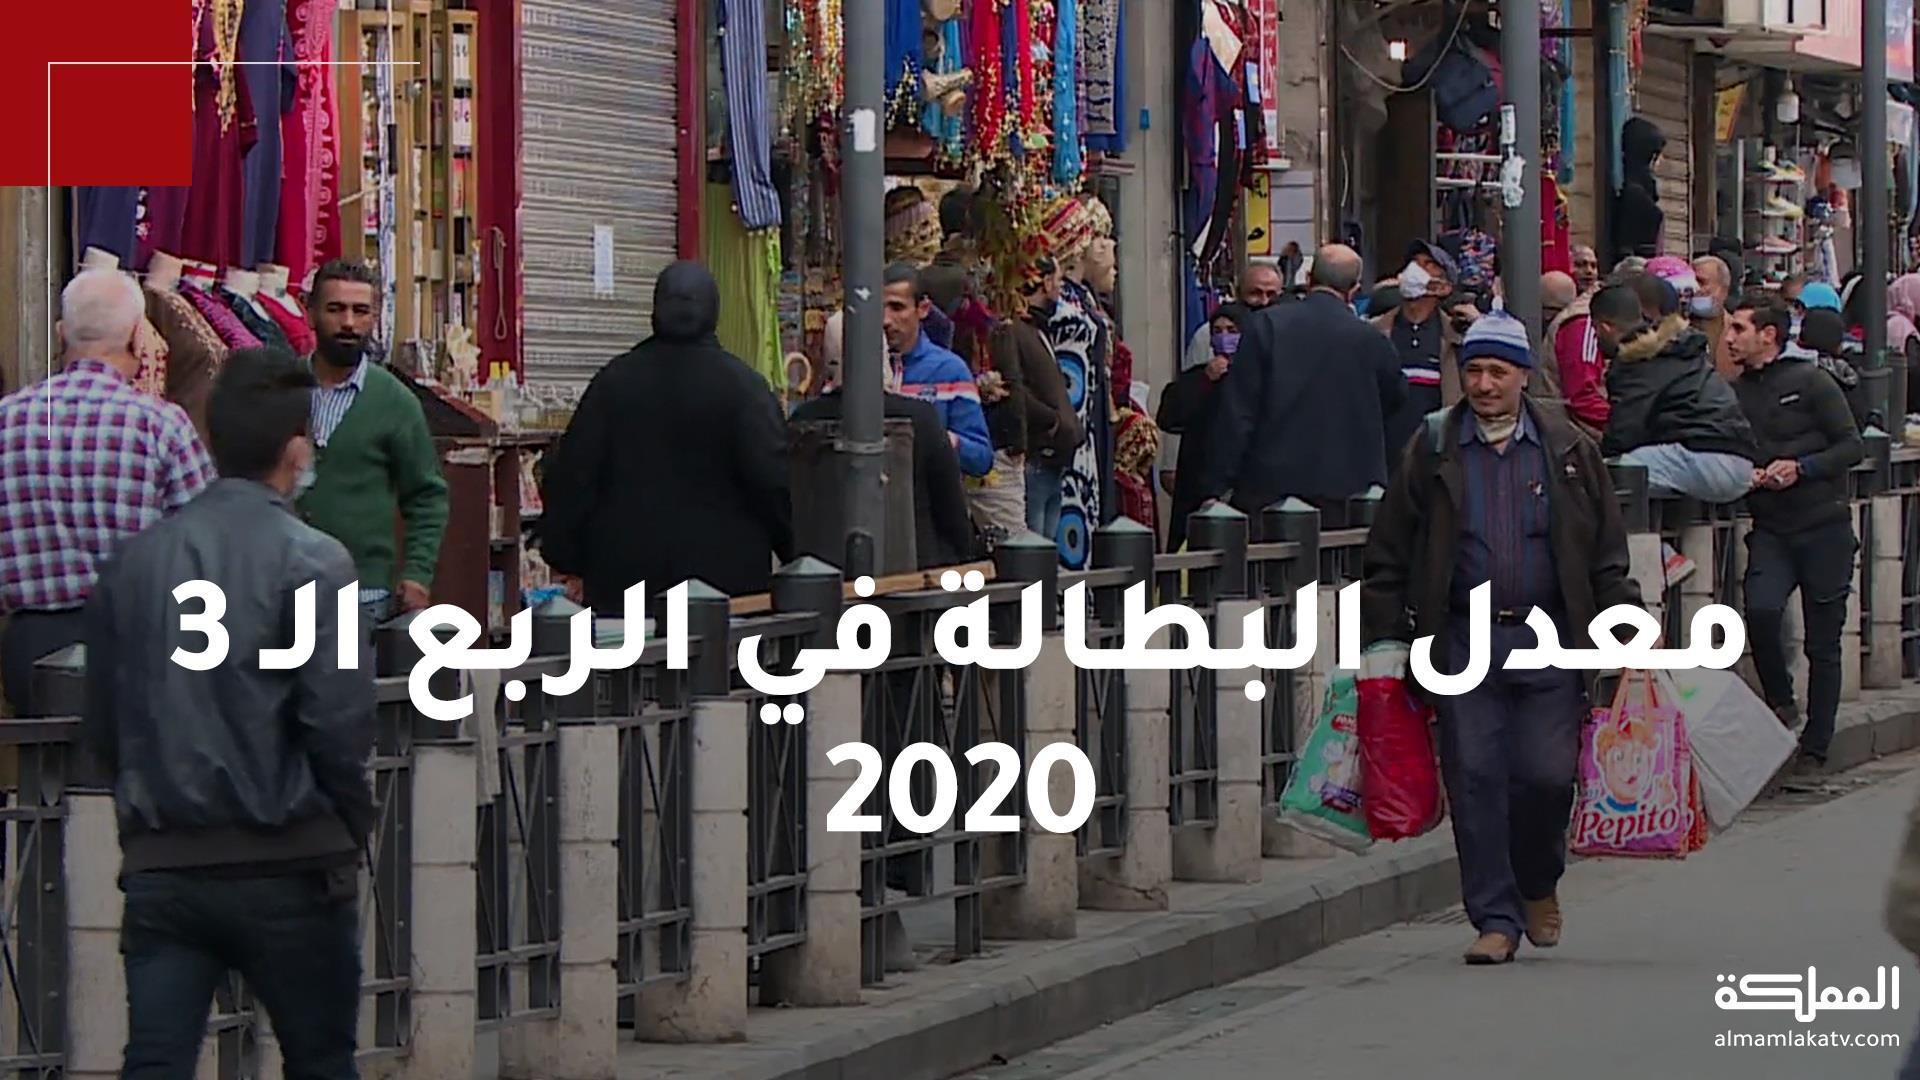 البطالة في الأردن بارتفاع ومعدلاتها تلامس ال24% .. تعرف على أهم إحصاءات البطالة لعام 2020